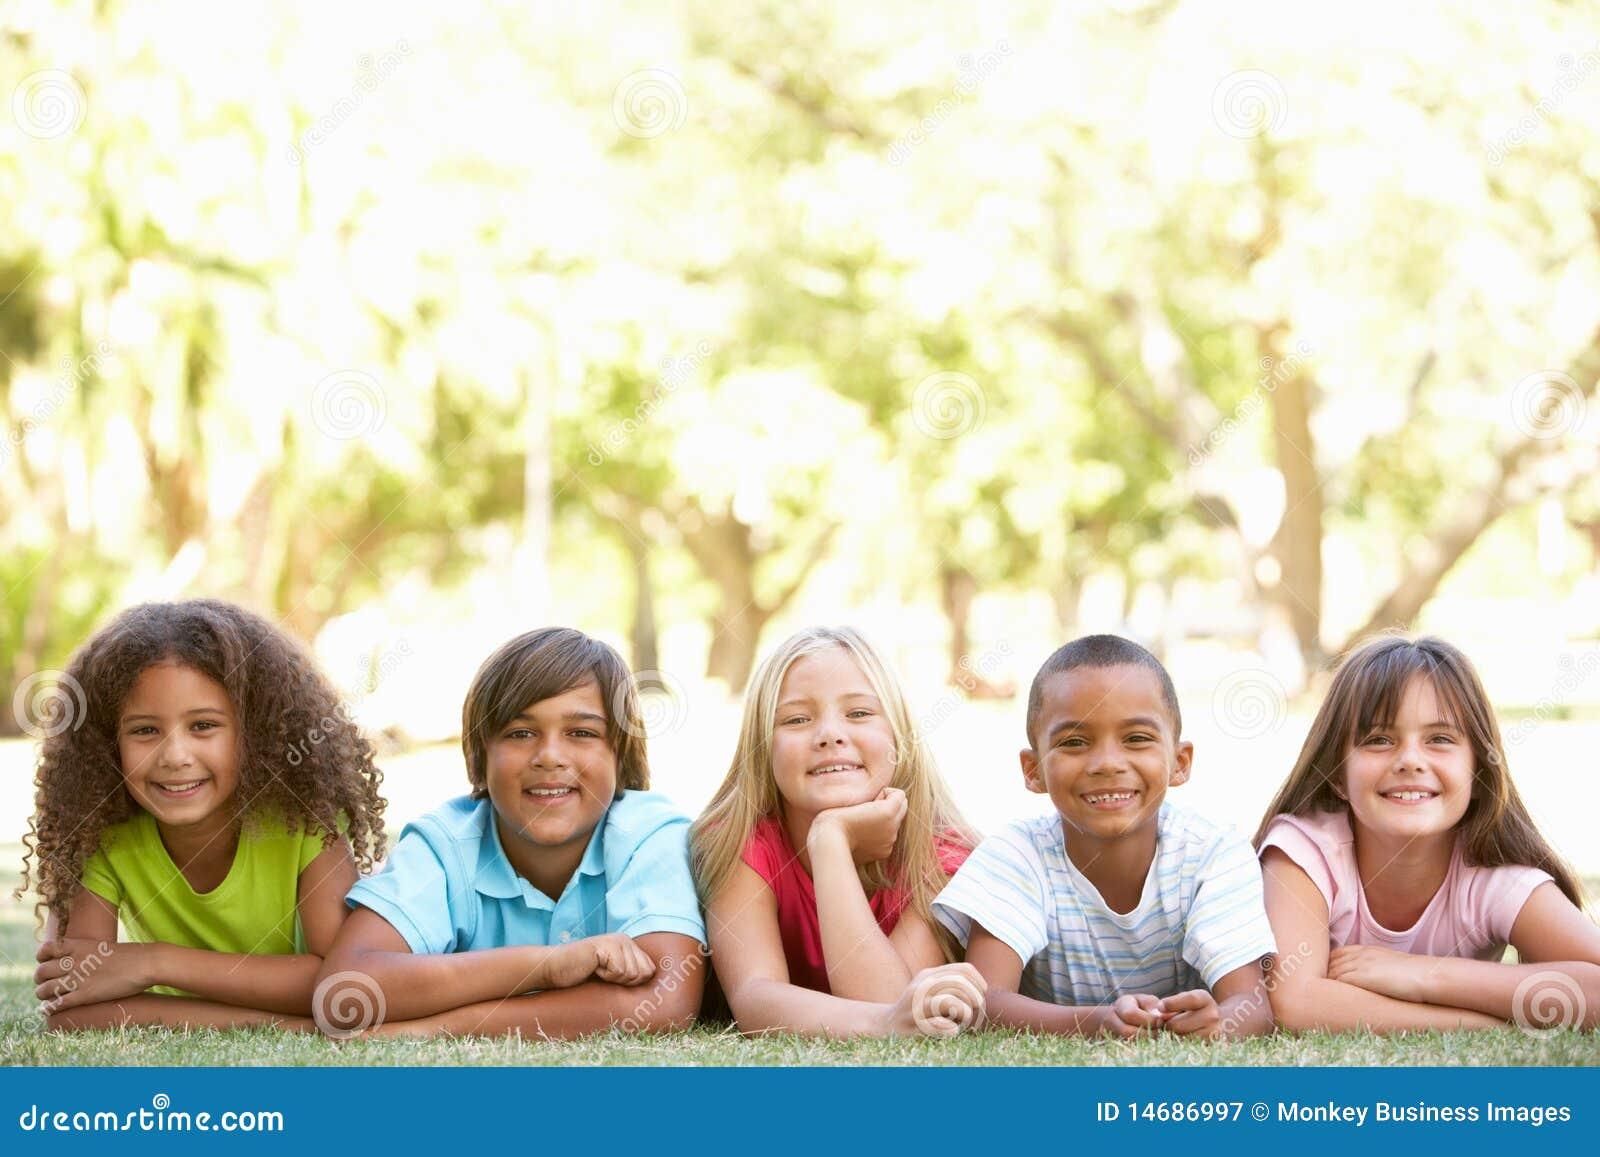 Grupo de niños que mienten en los estómagos en parque